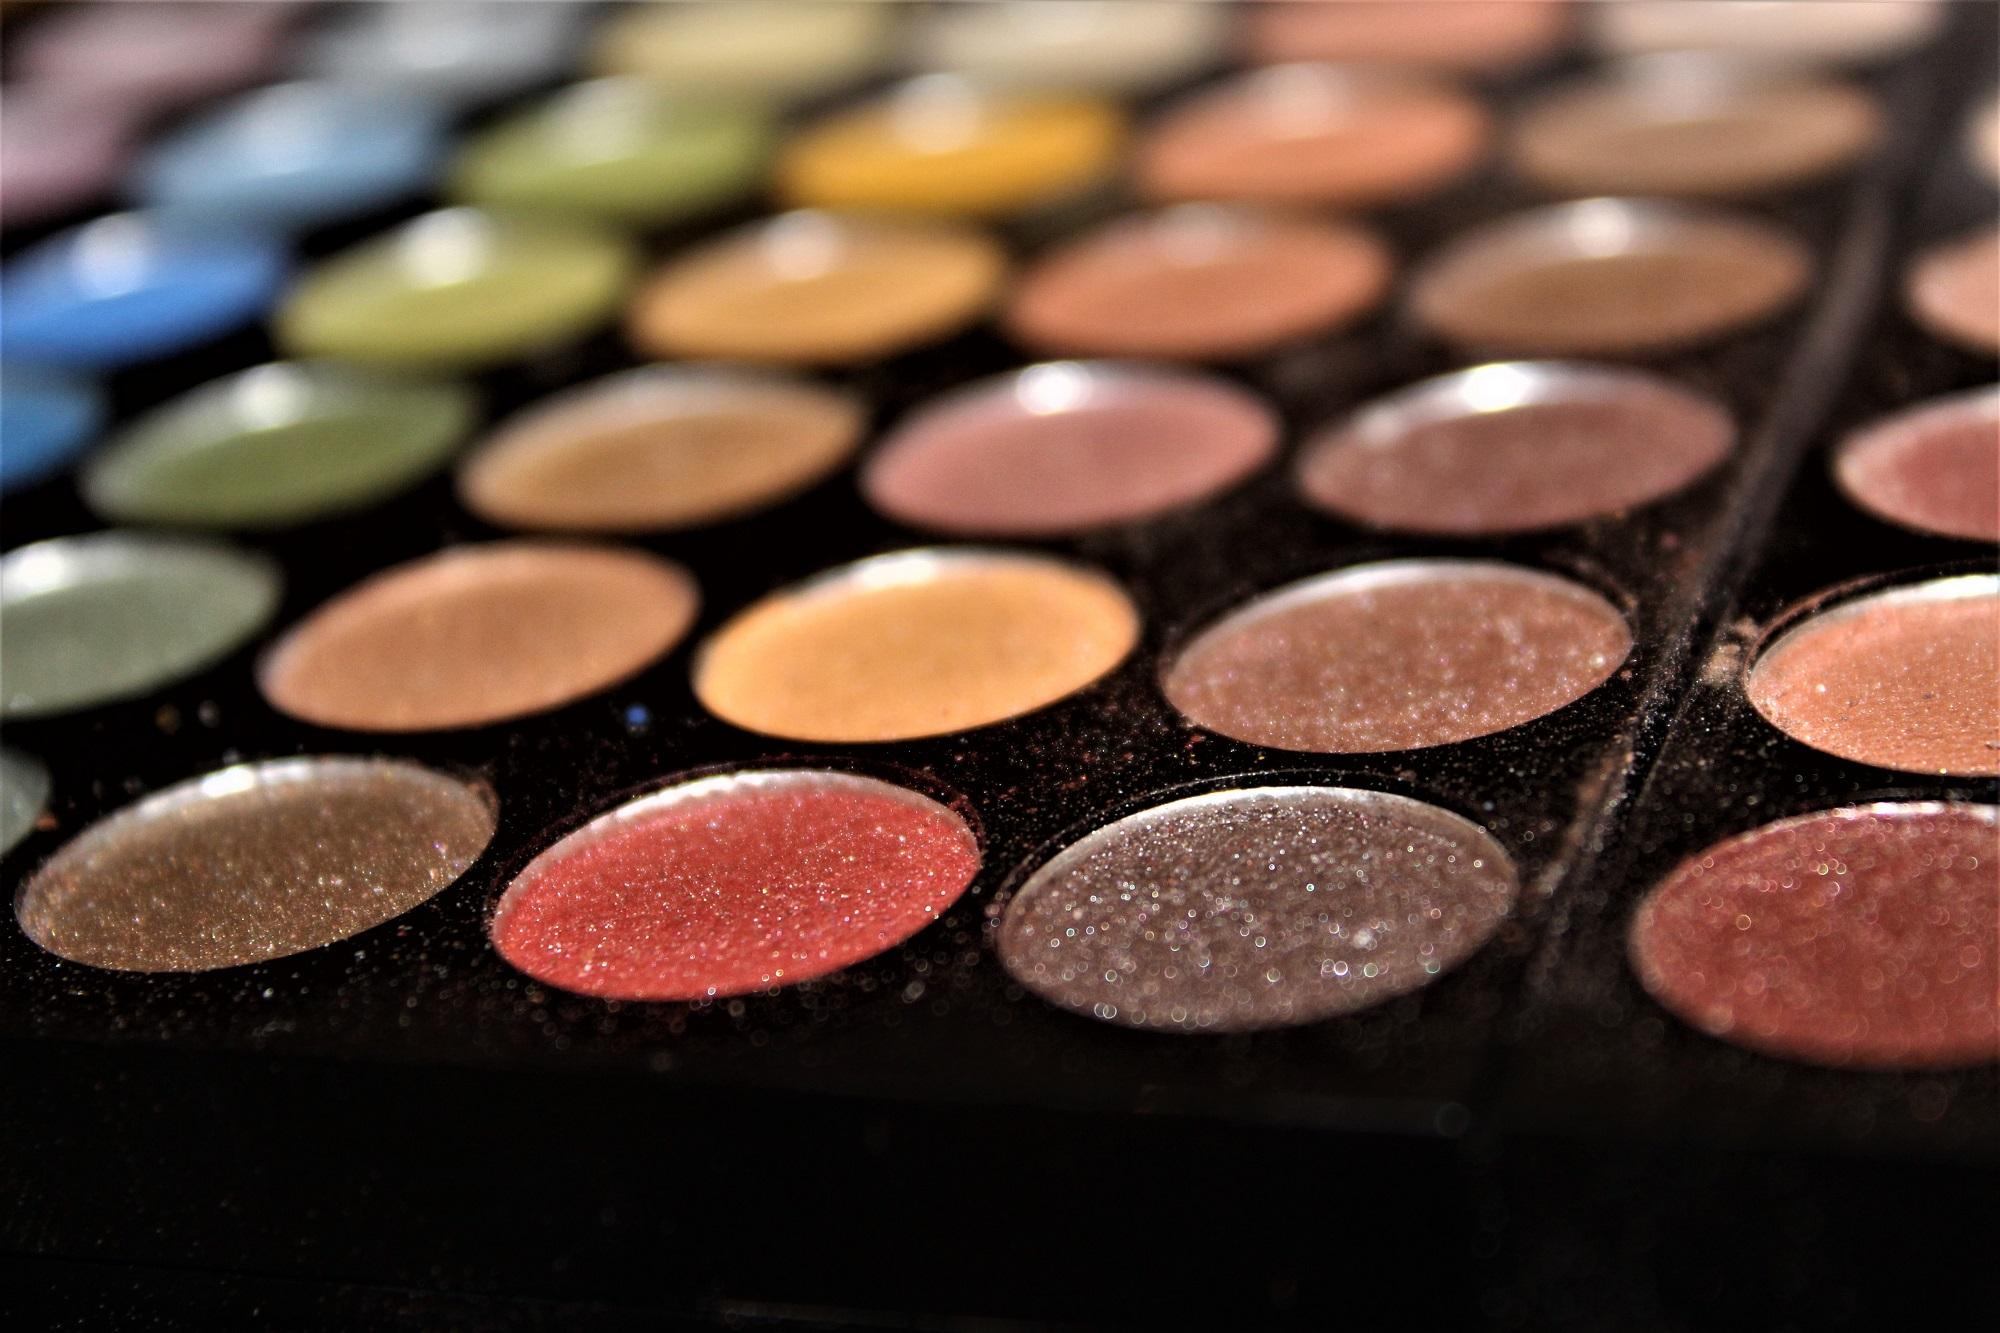 Make-up artist cu experiență de 16 ani oferă trucuri din industria beauty